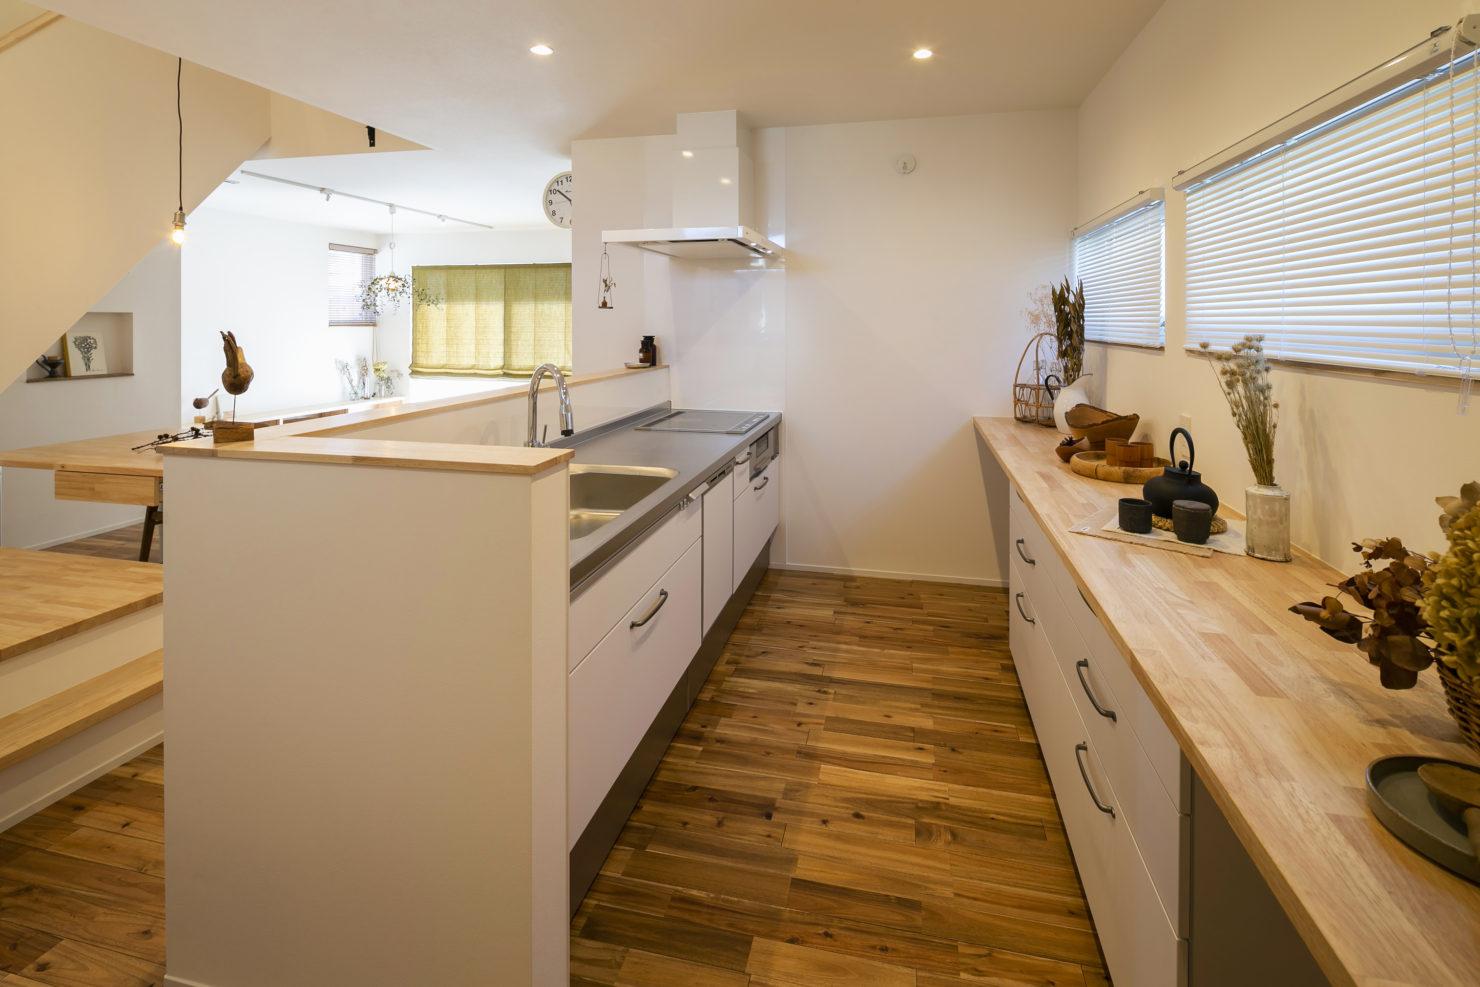 「周囲との関係性・持続性のあるデザイン」キッチン写真